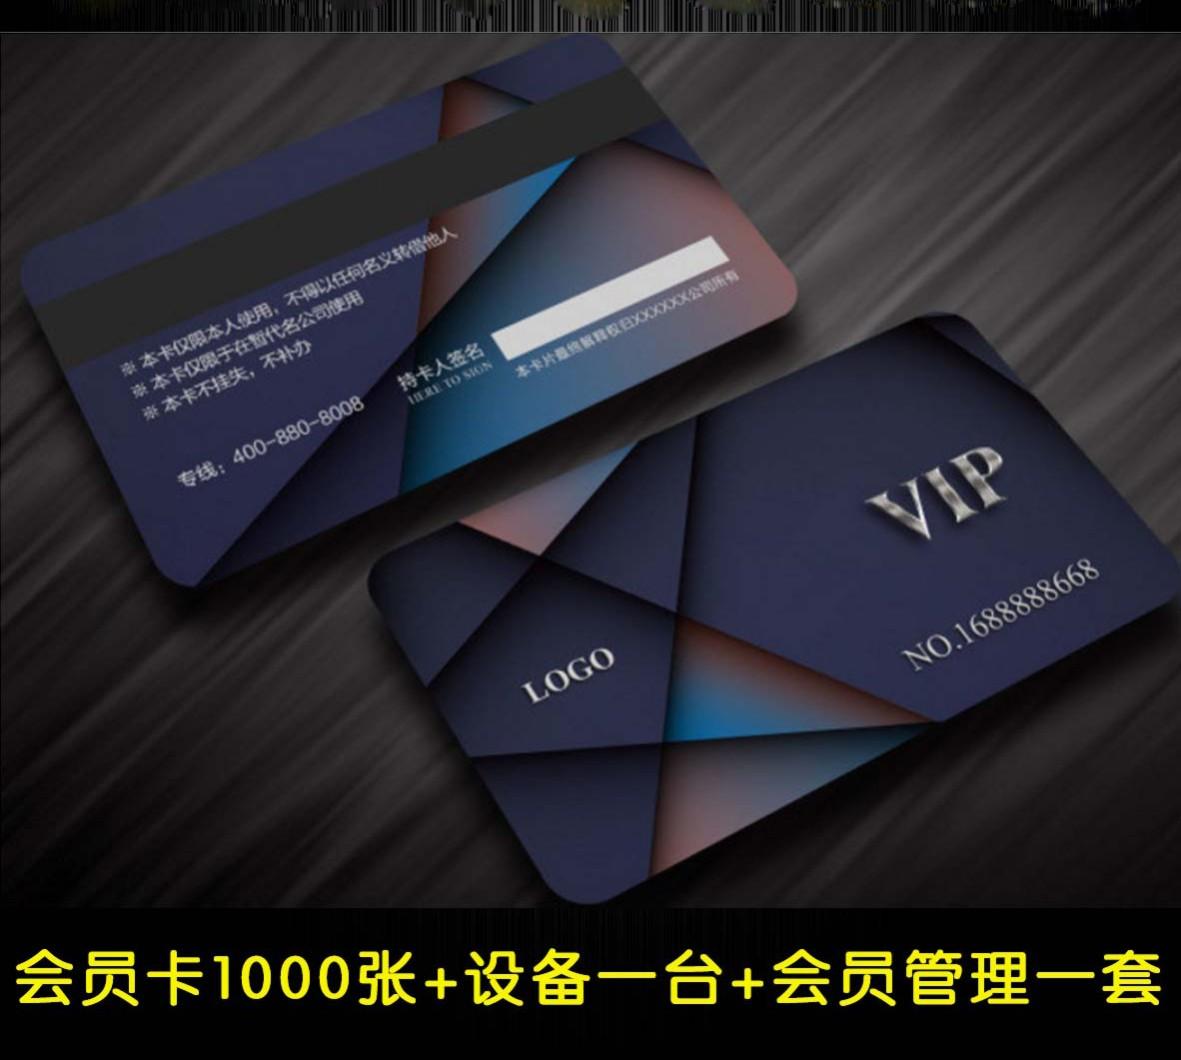 Член карта кредитная карта машинально почетным гостем трубка причина система программное обеспечение член заряжать значение магазин значение VIP интеграция магнитная полоса карты пакет